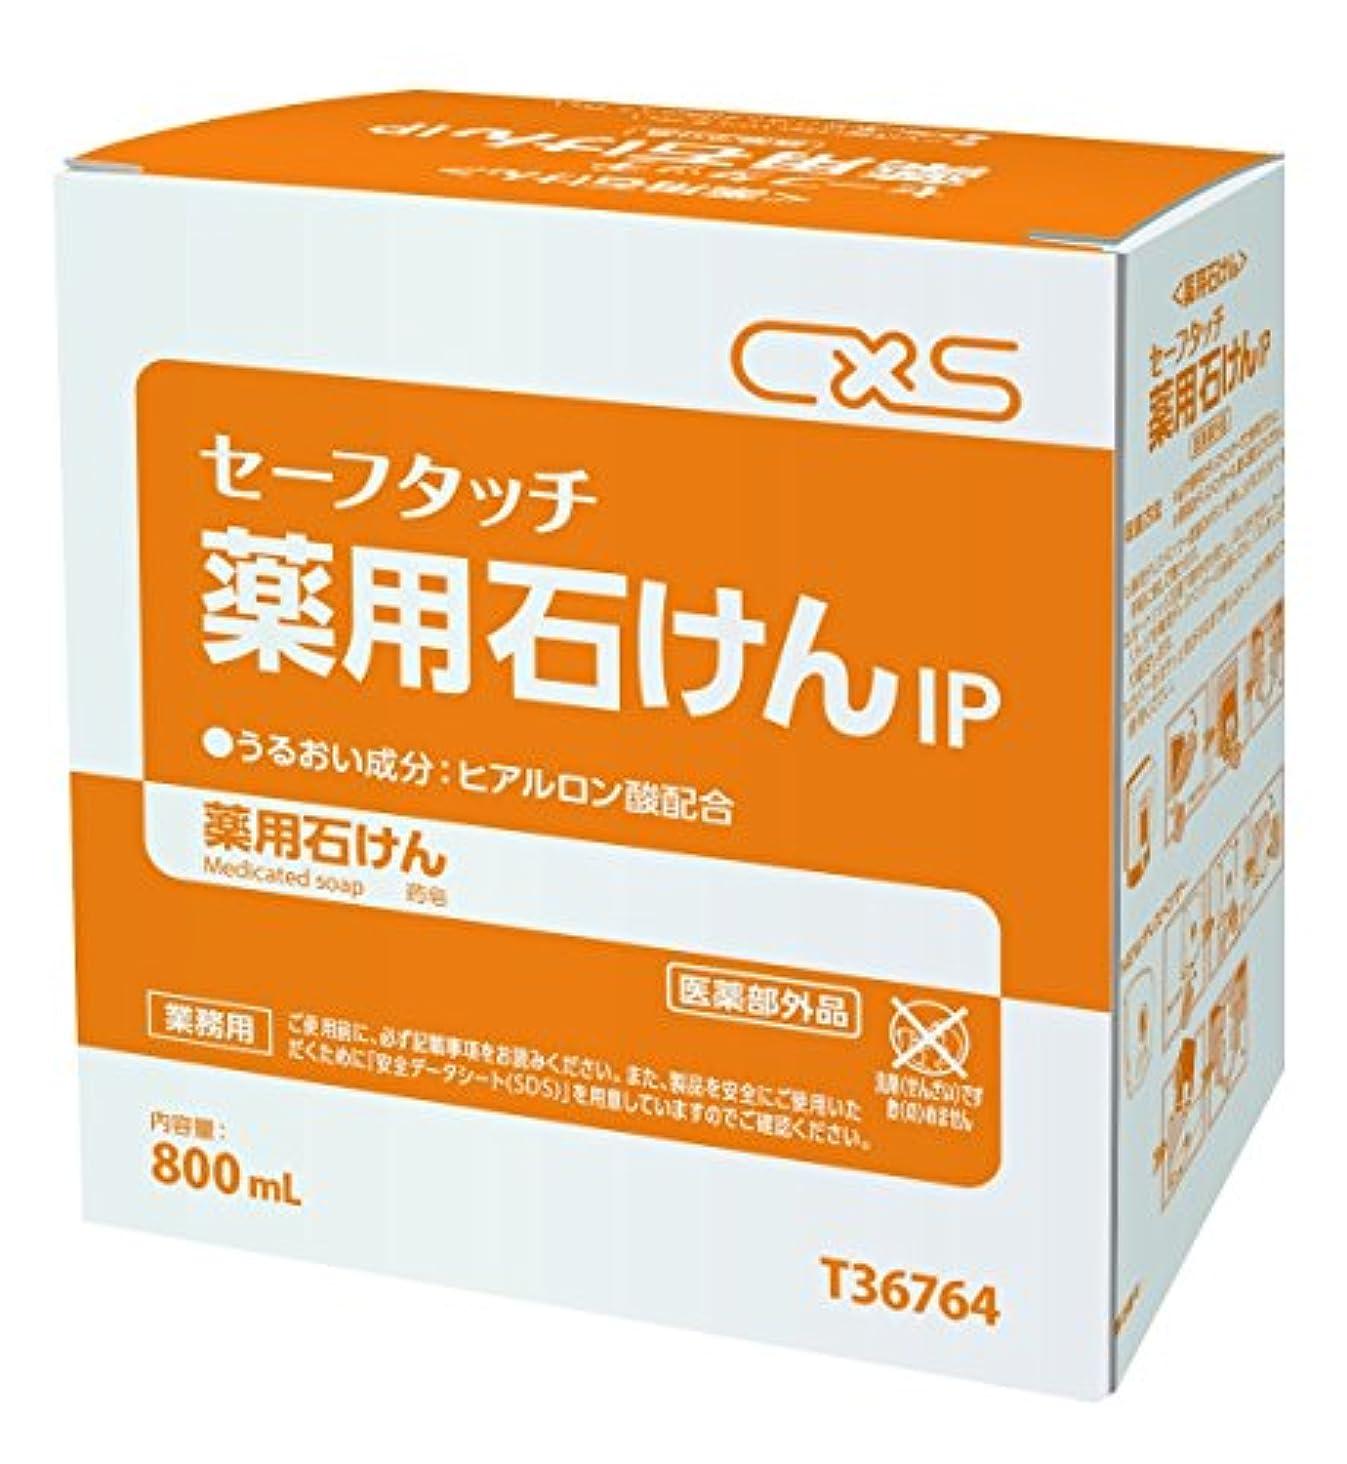 氏広く交通渋滞セーフタッチ 薬用石けんIP 6箱セット